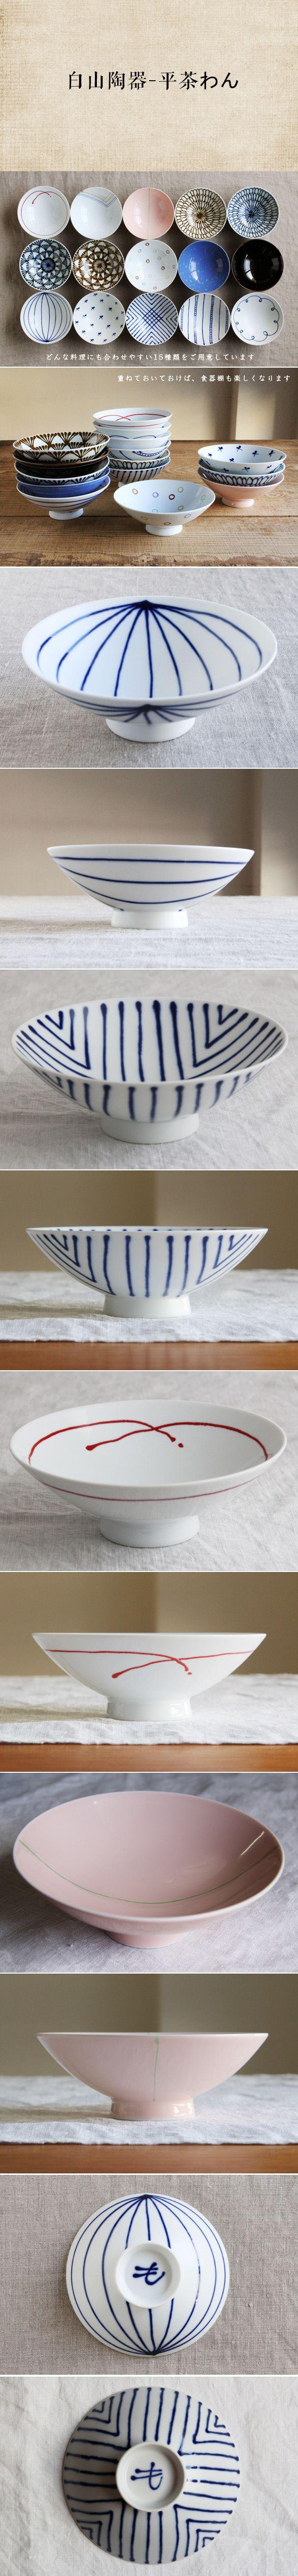 白山陶器 | 平茶わん 그릇과 시간에 초월적인 패턴들.